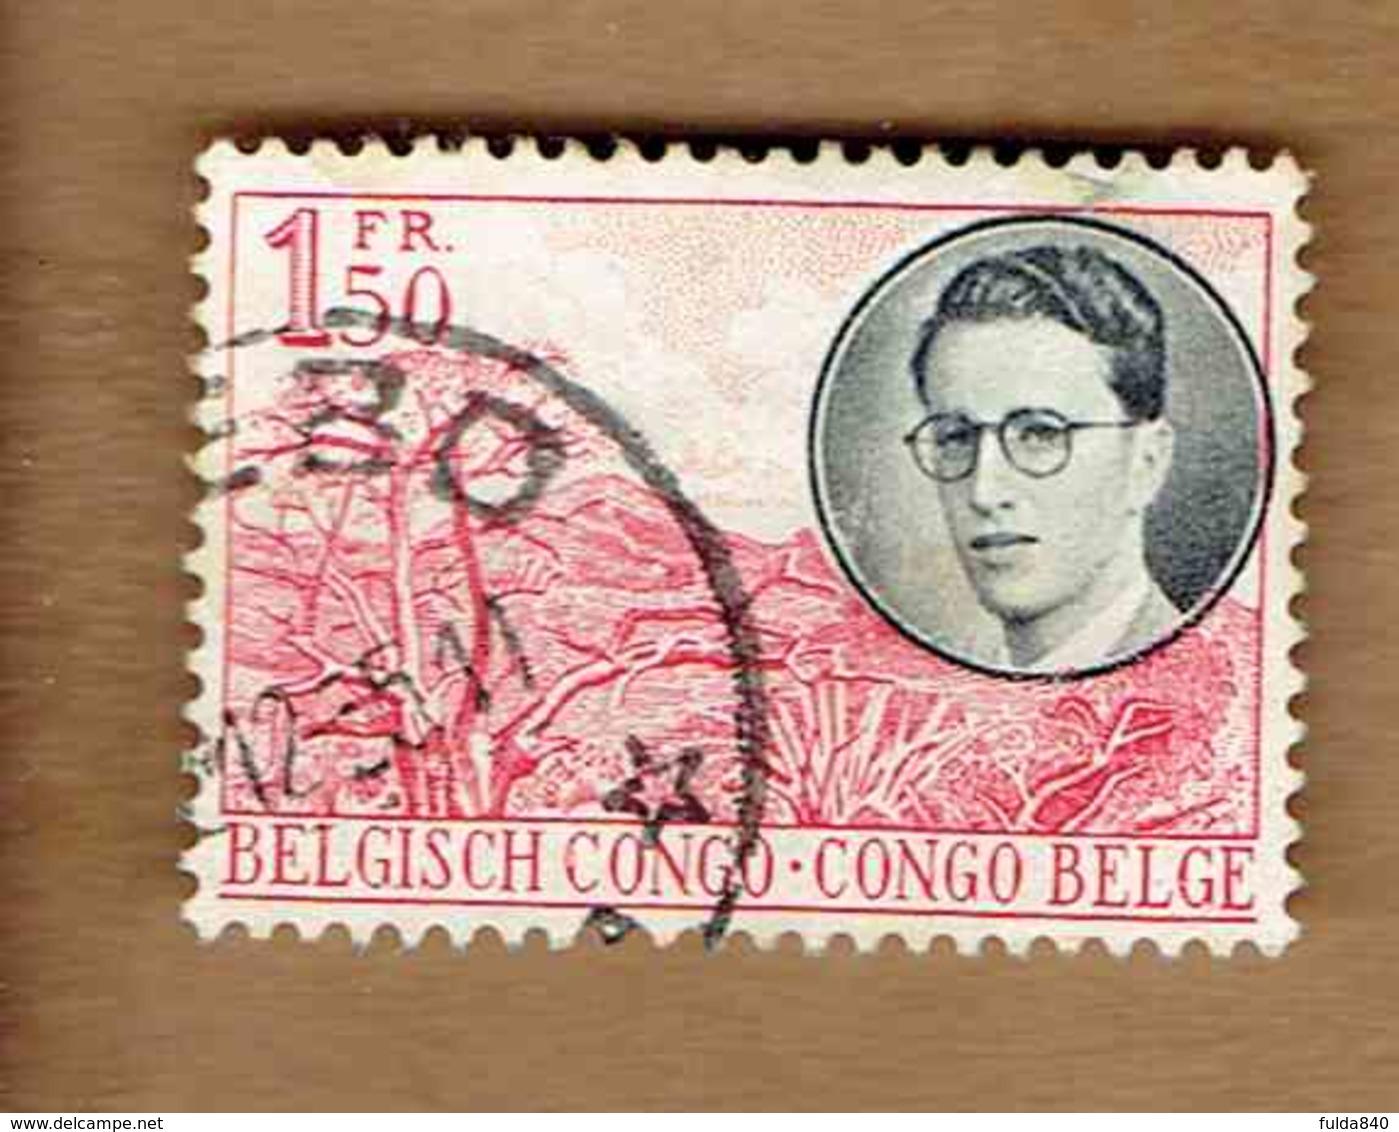 Congo Belge.(COB-OBP)  1955 - N°329    *VOYAGE ROYAL AU CONGO*   1,50F   Oblitéré - Congo Belge